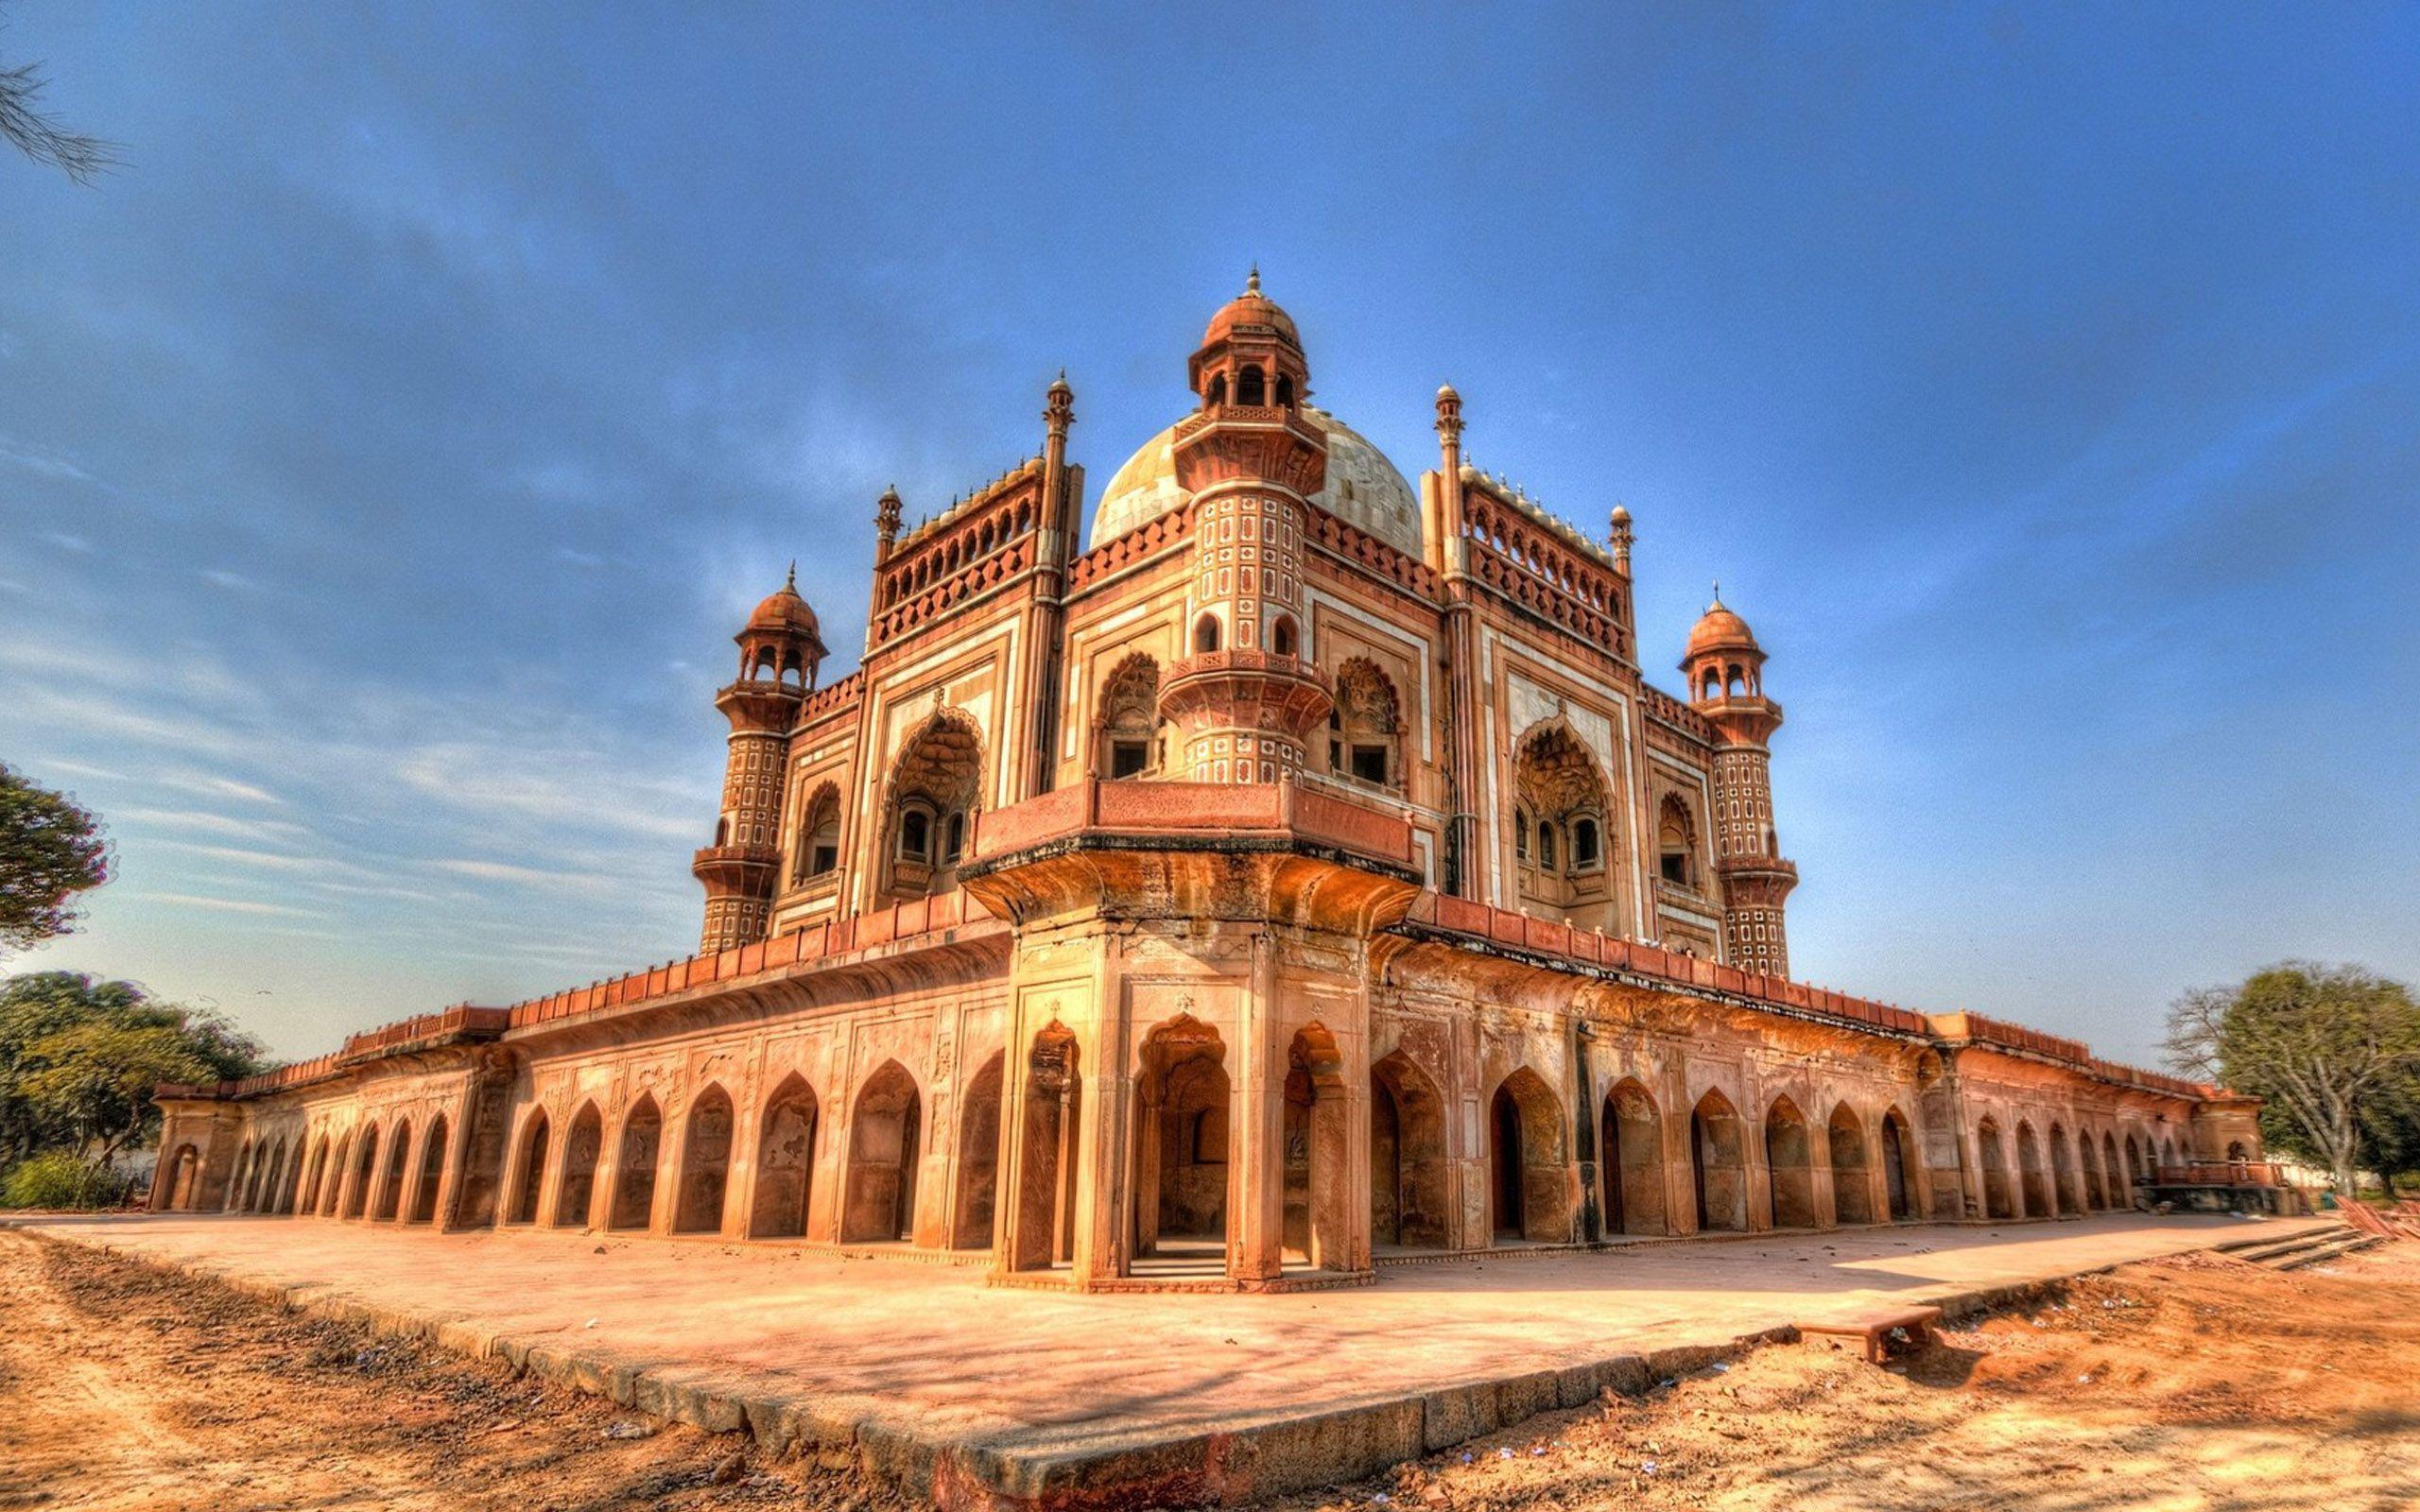 Hình nền và ảnh HD 2560x1600 Ấn Độ.  Hình nền du lịch HD